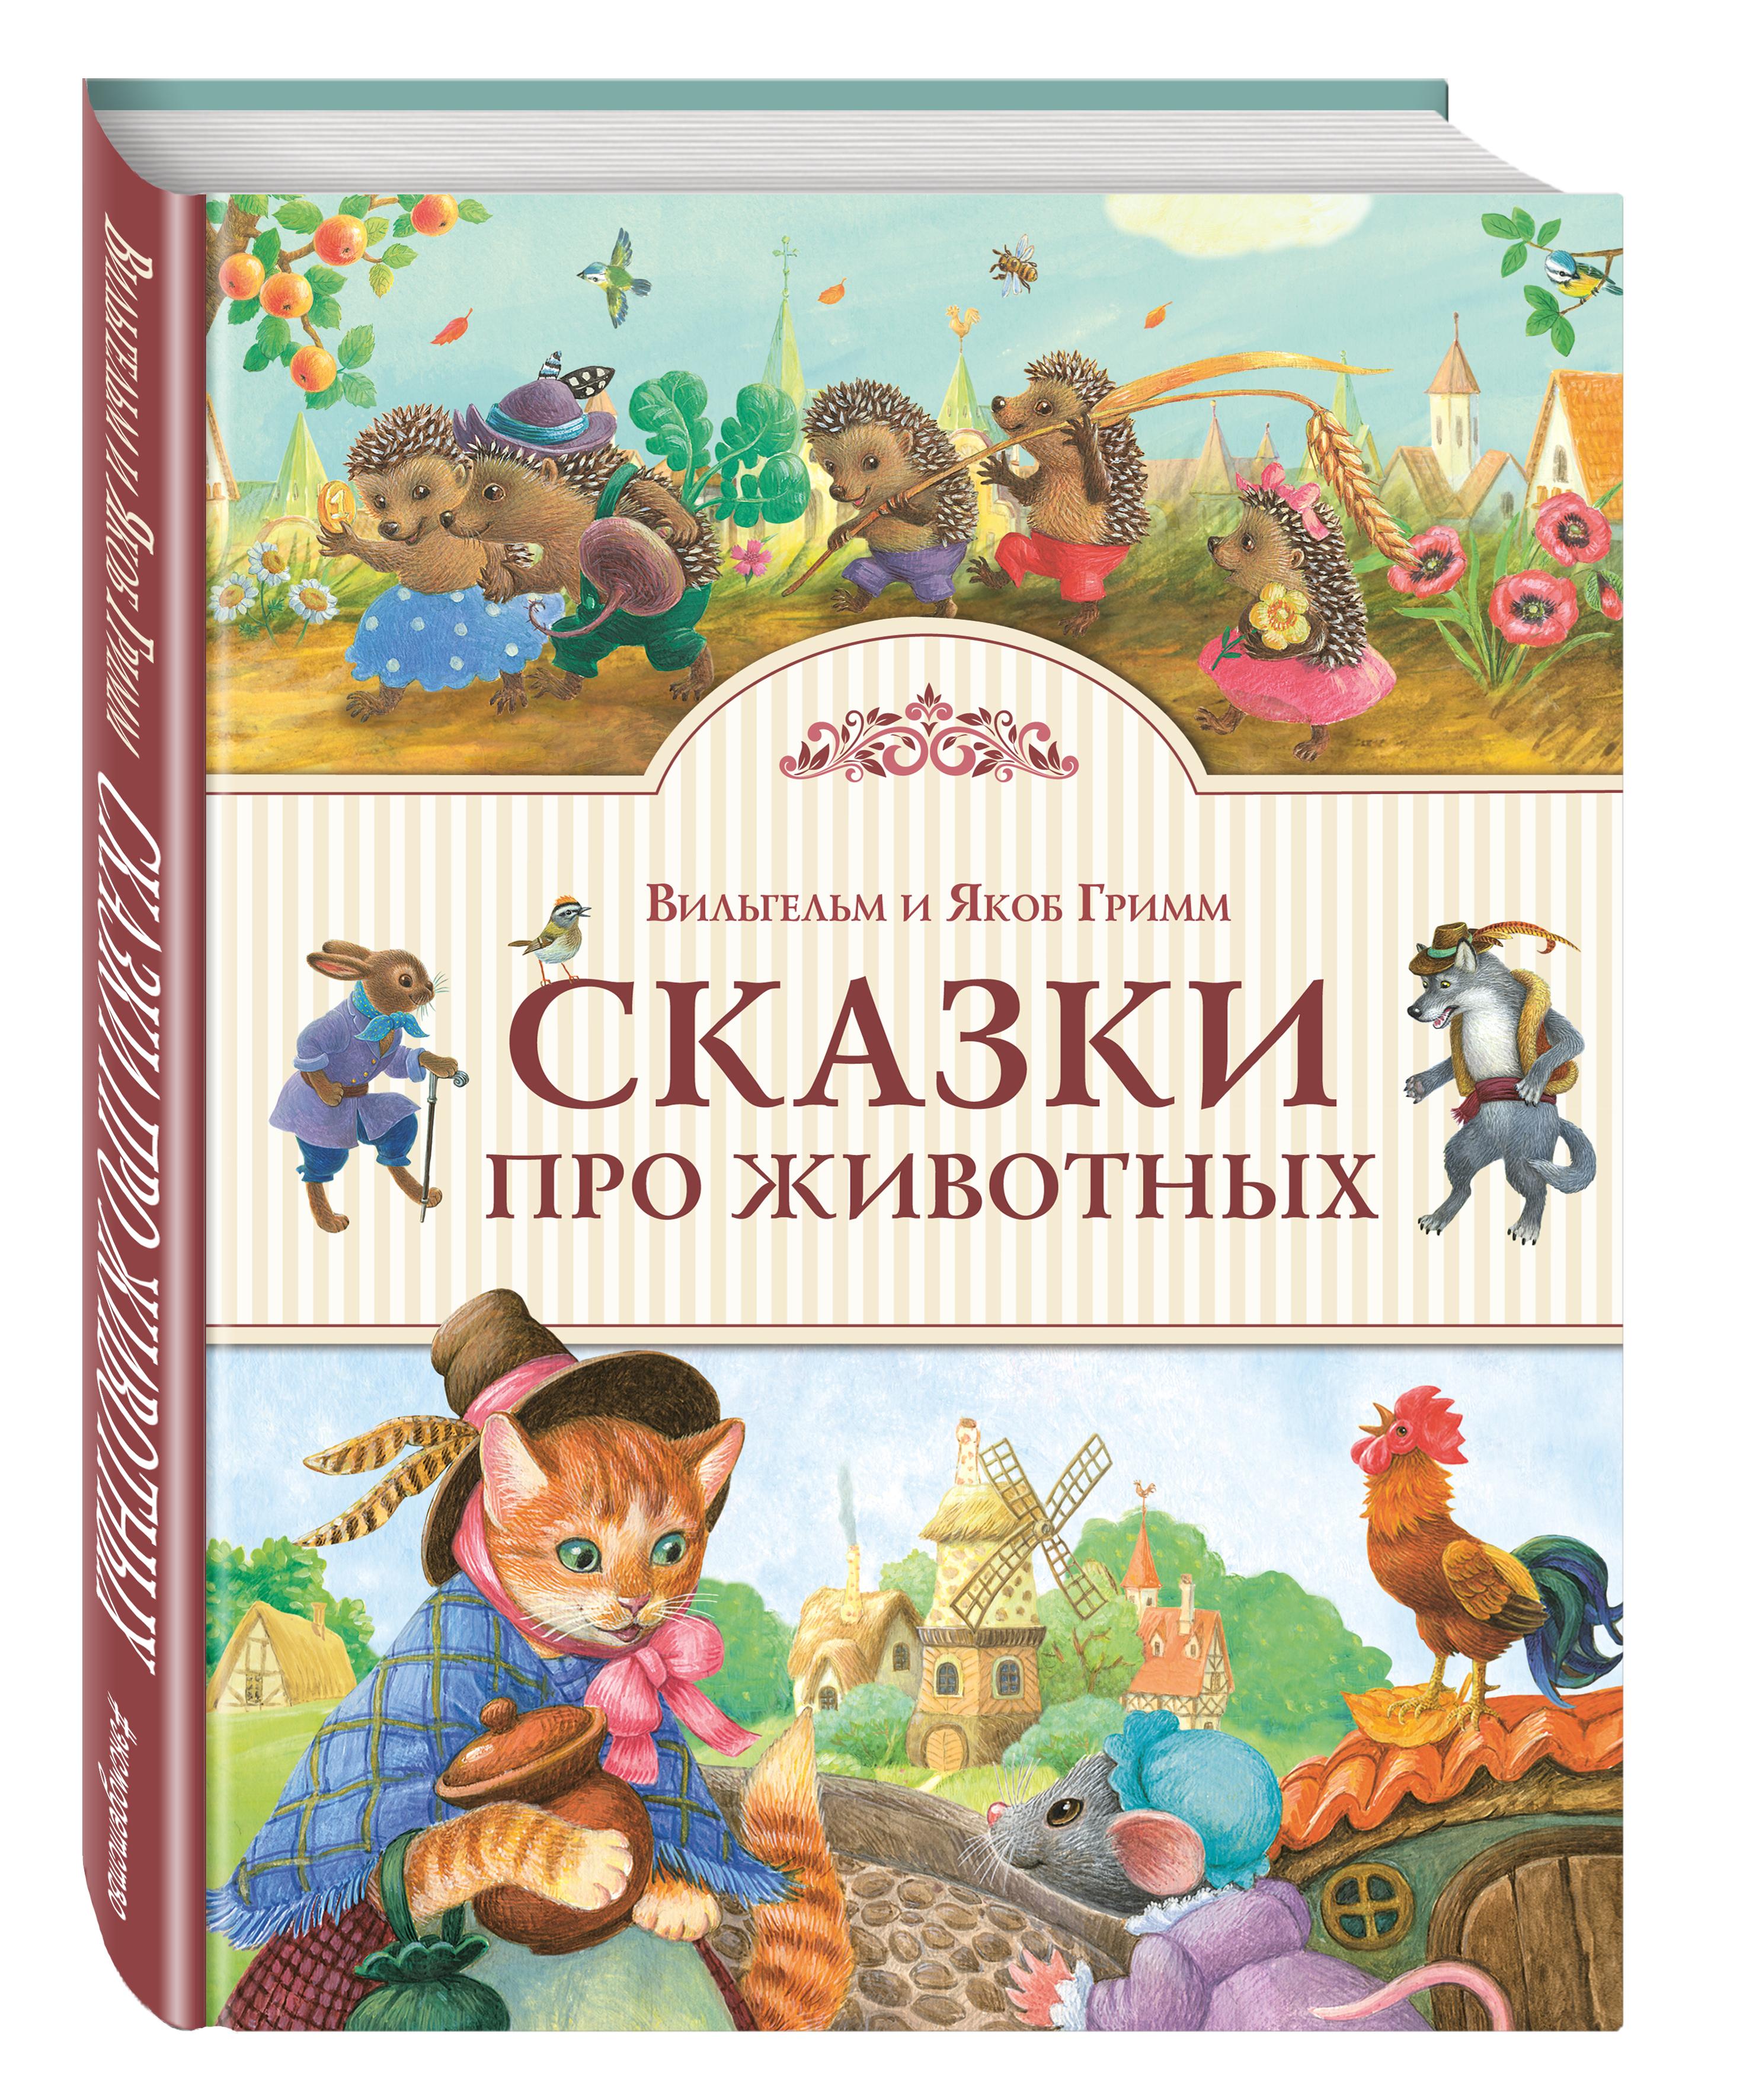 Братья Гримм Сказки про животных (ил. К. Павловой) принцесса бременские музыканты prostotoys